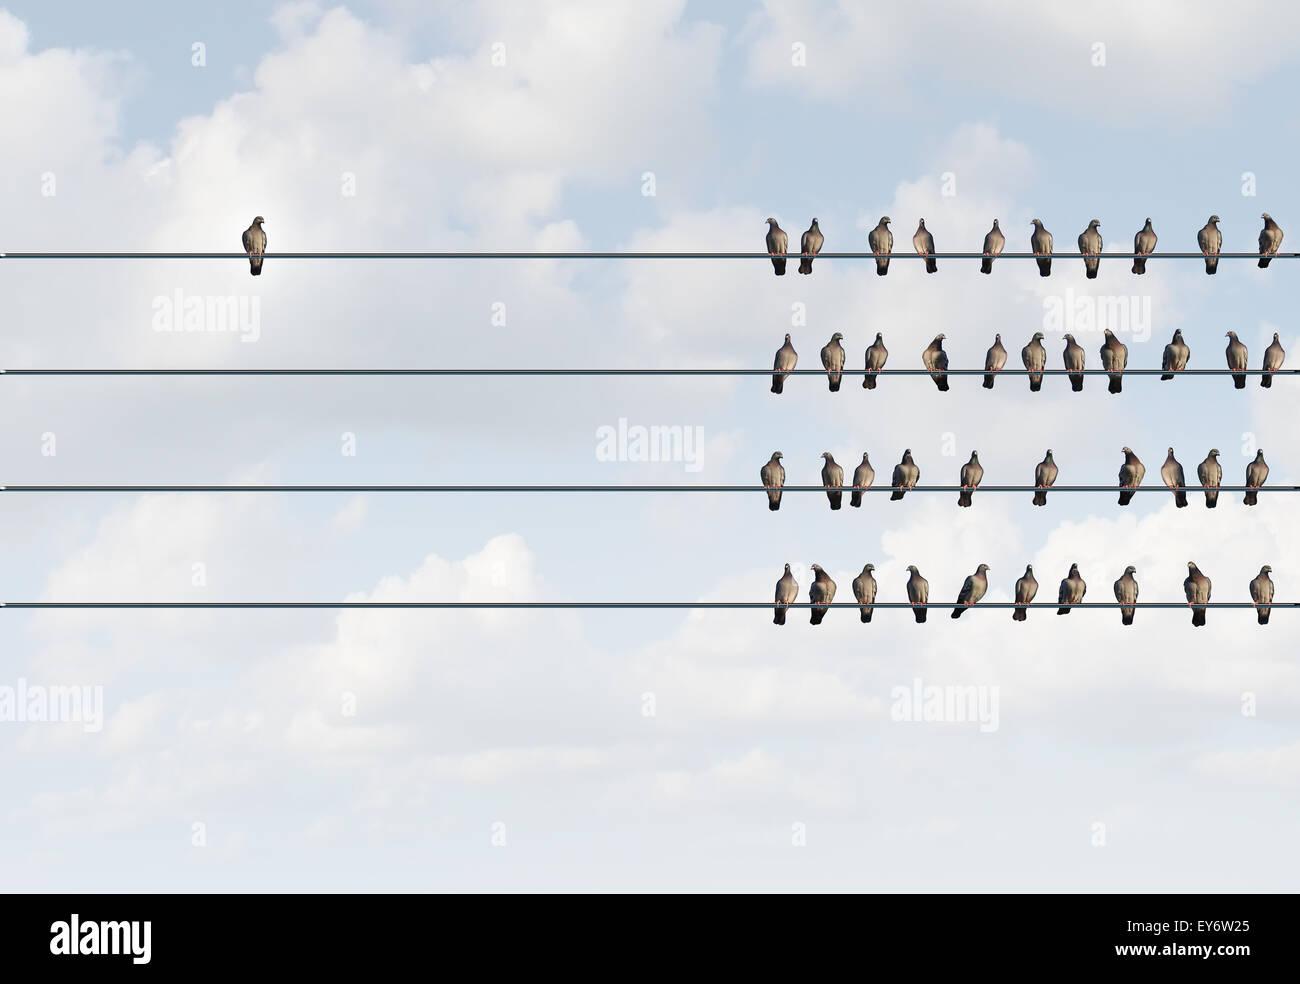 Symbol der Individualität und unabhängiger Denker Konzept und neue Führung Konzept oder Individualität Stockbild